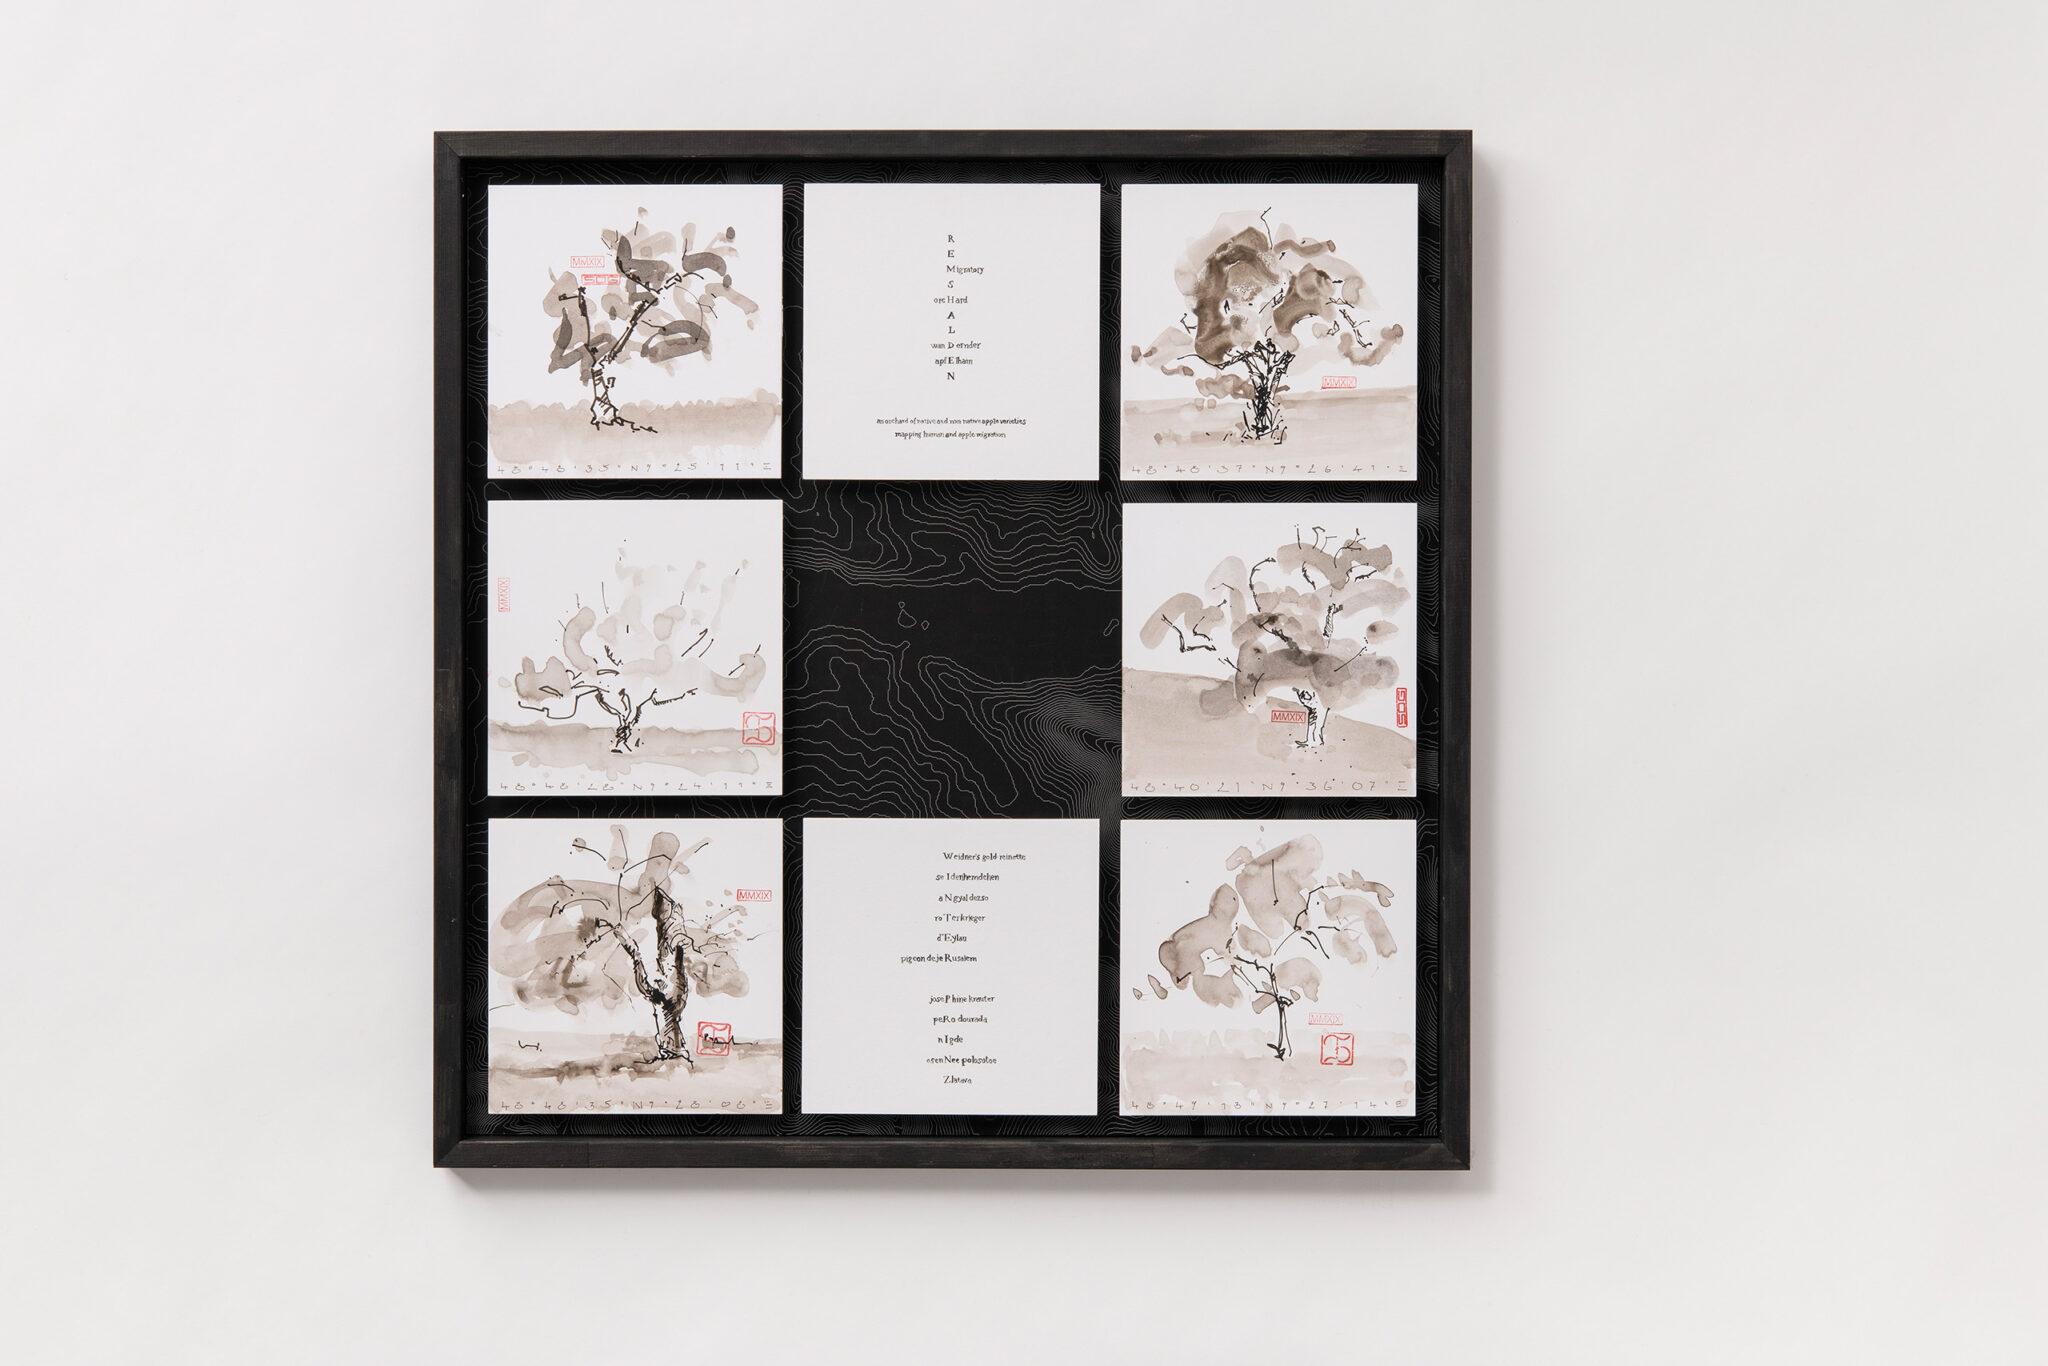 Florian Stocker, Wandernder Apfelhain 3 von 3, Tuschezeichnung mit Lavage auf Druckgraphik und Kalligraphiegedicht von Alec Finlay, 70 cm x 70 cm